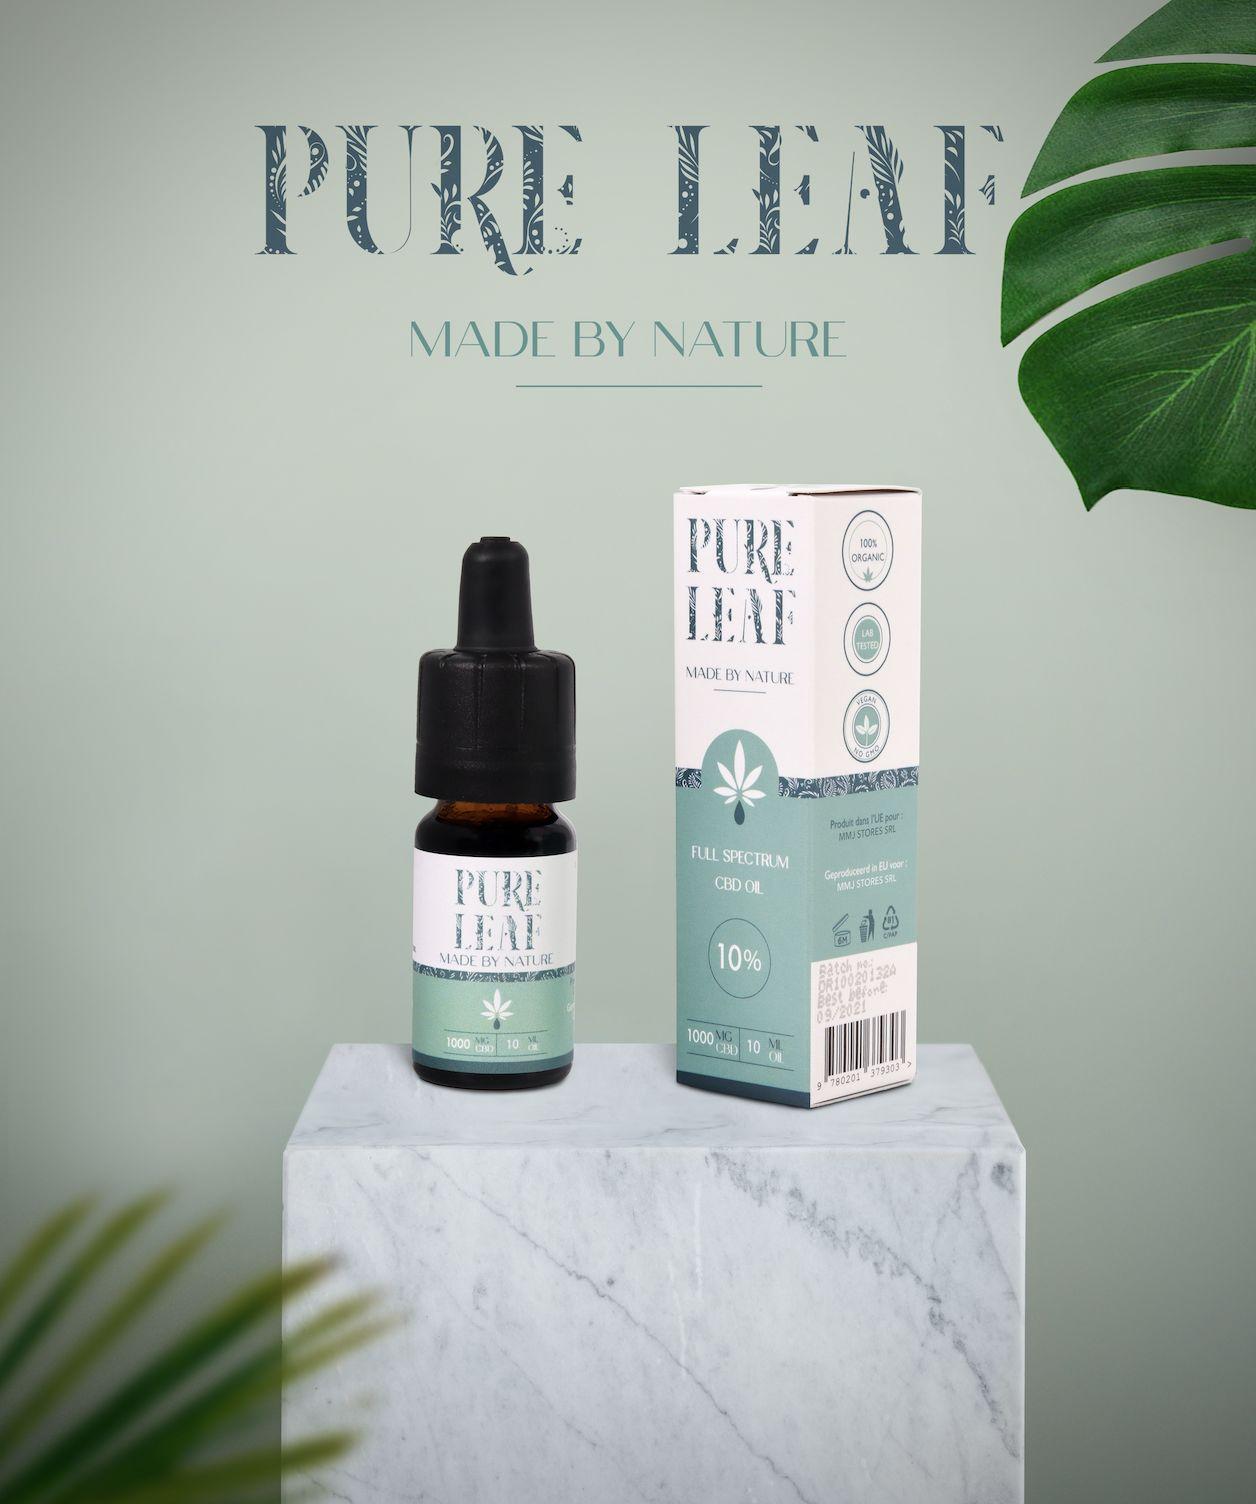 Pure leaf packaging